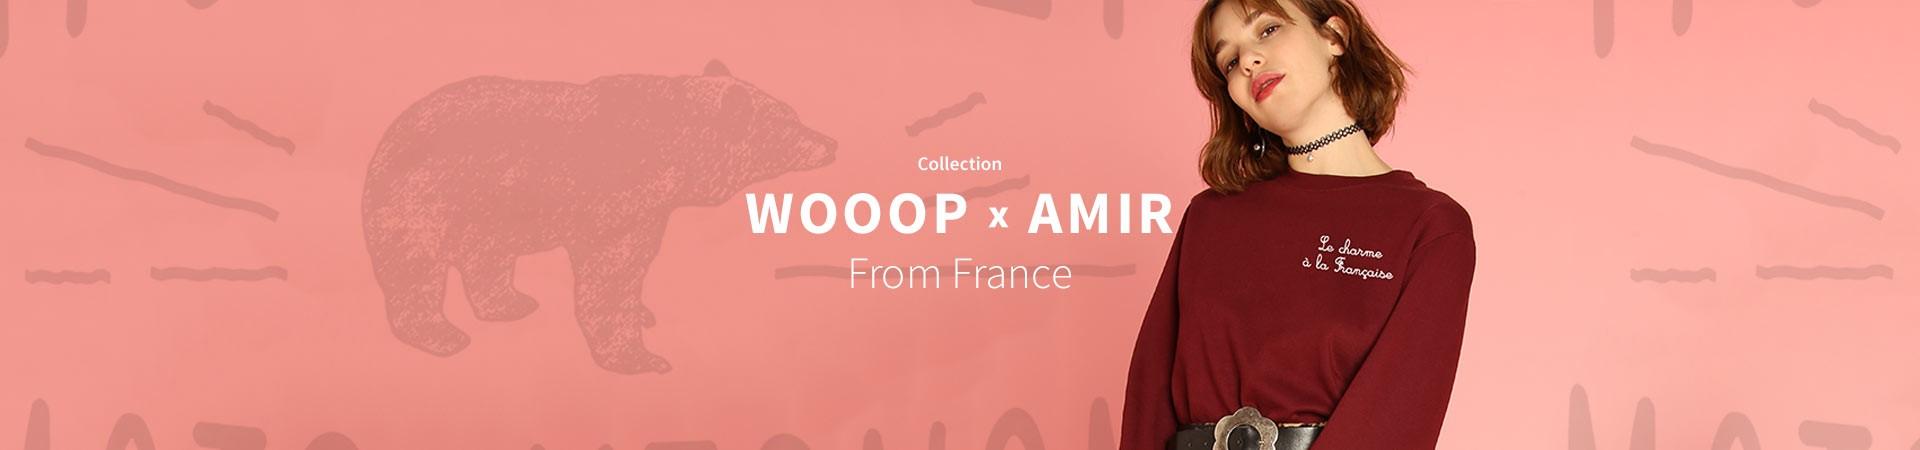 Wooop x Amir